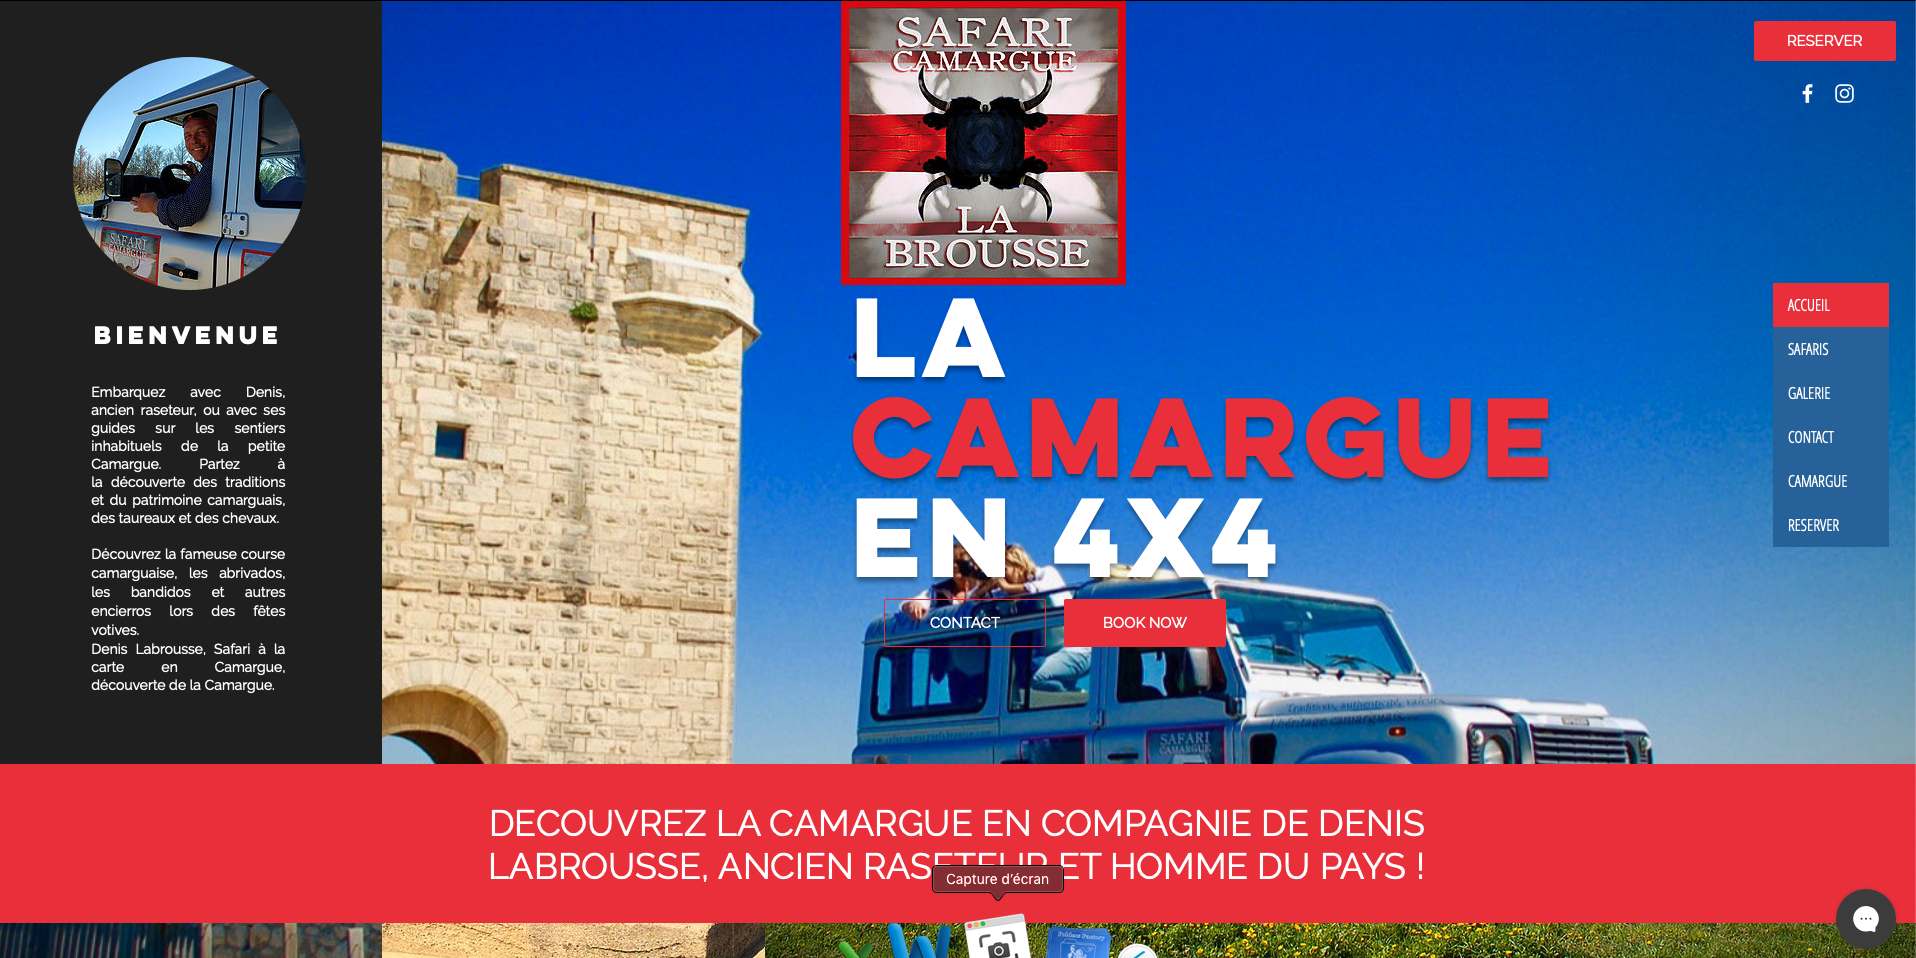 Safari Camargue Labrousse